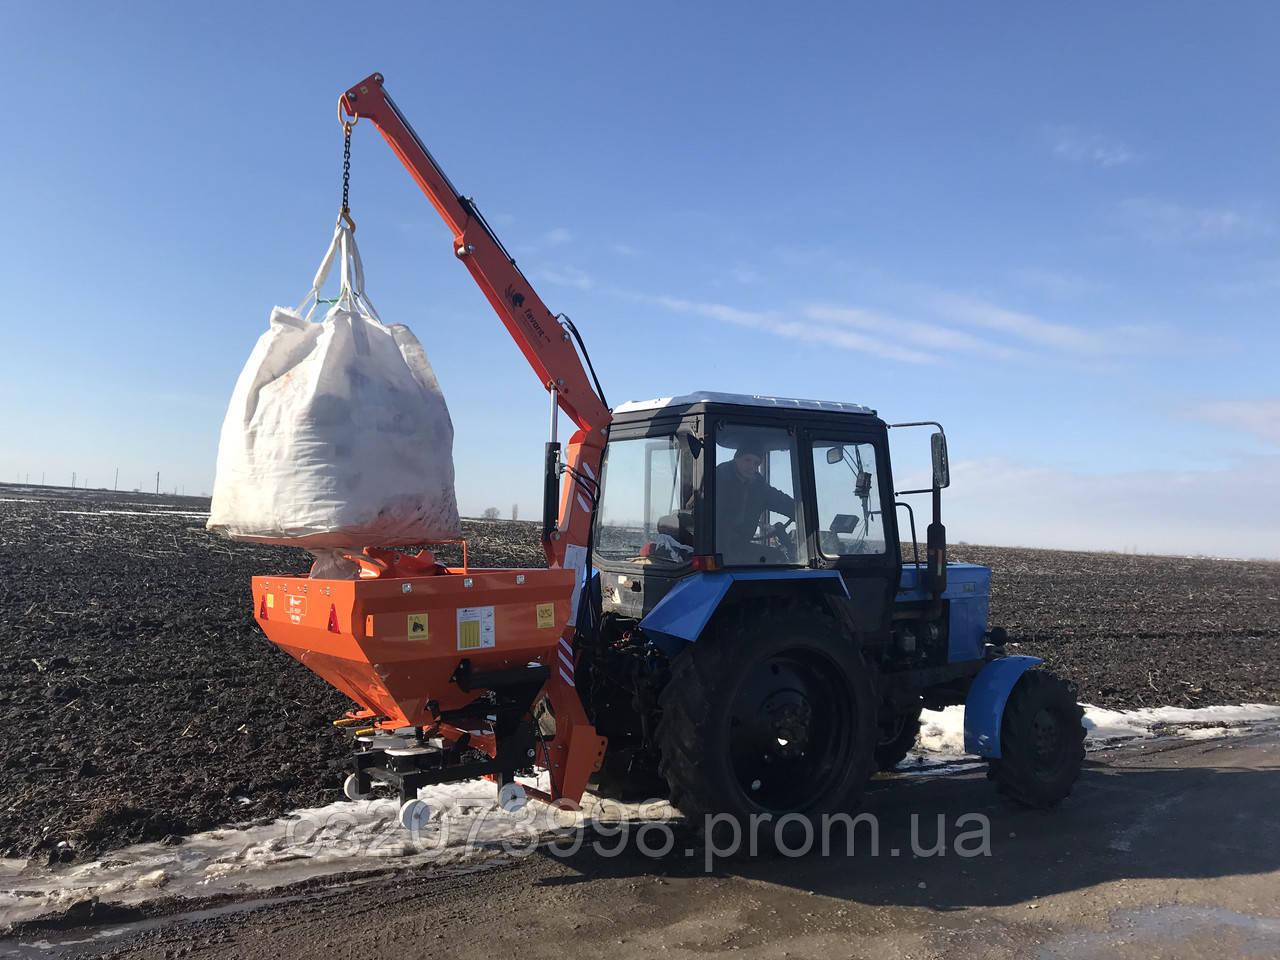 Разбрасыватель минеральных удобрений РДФ-1000 (РУМ)